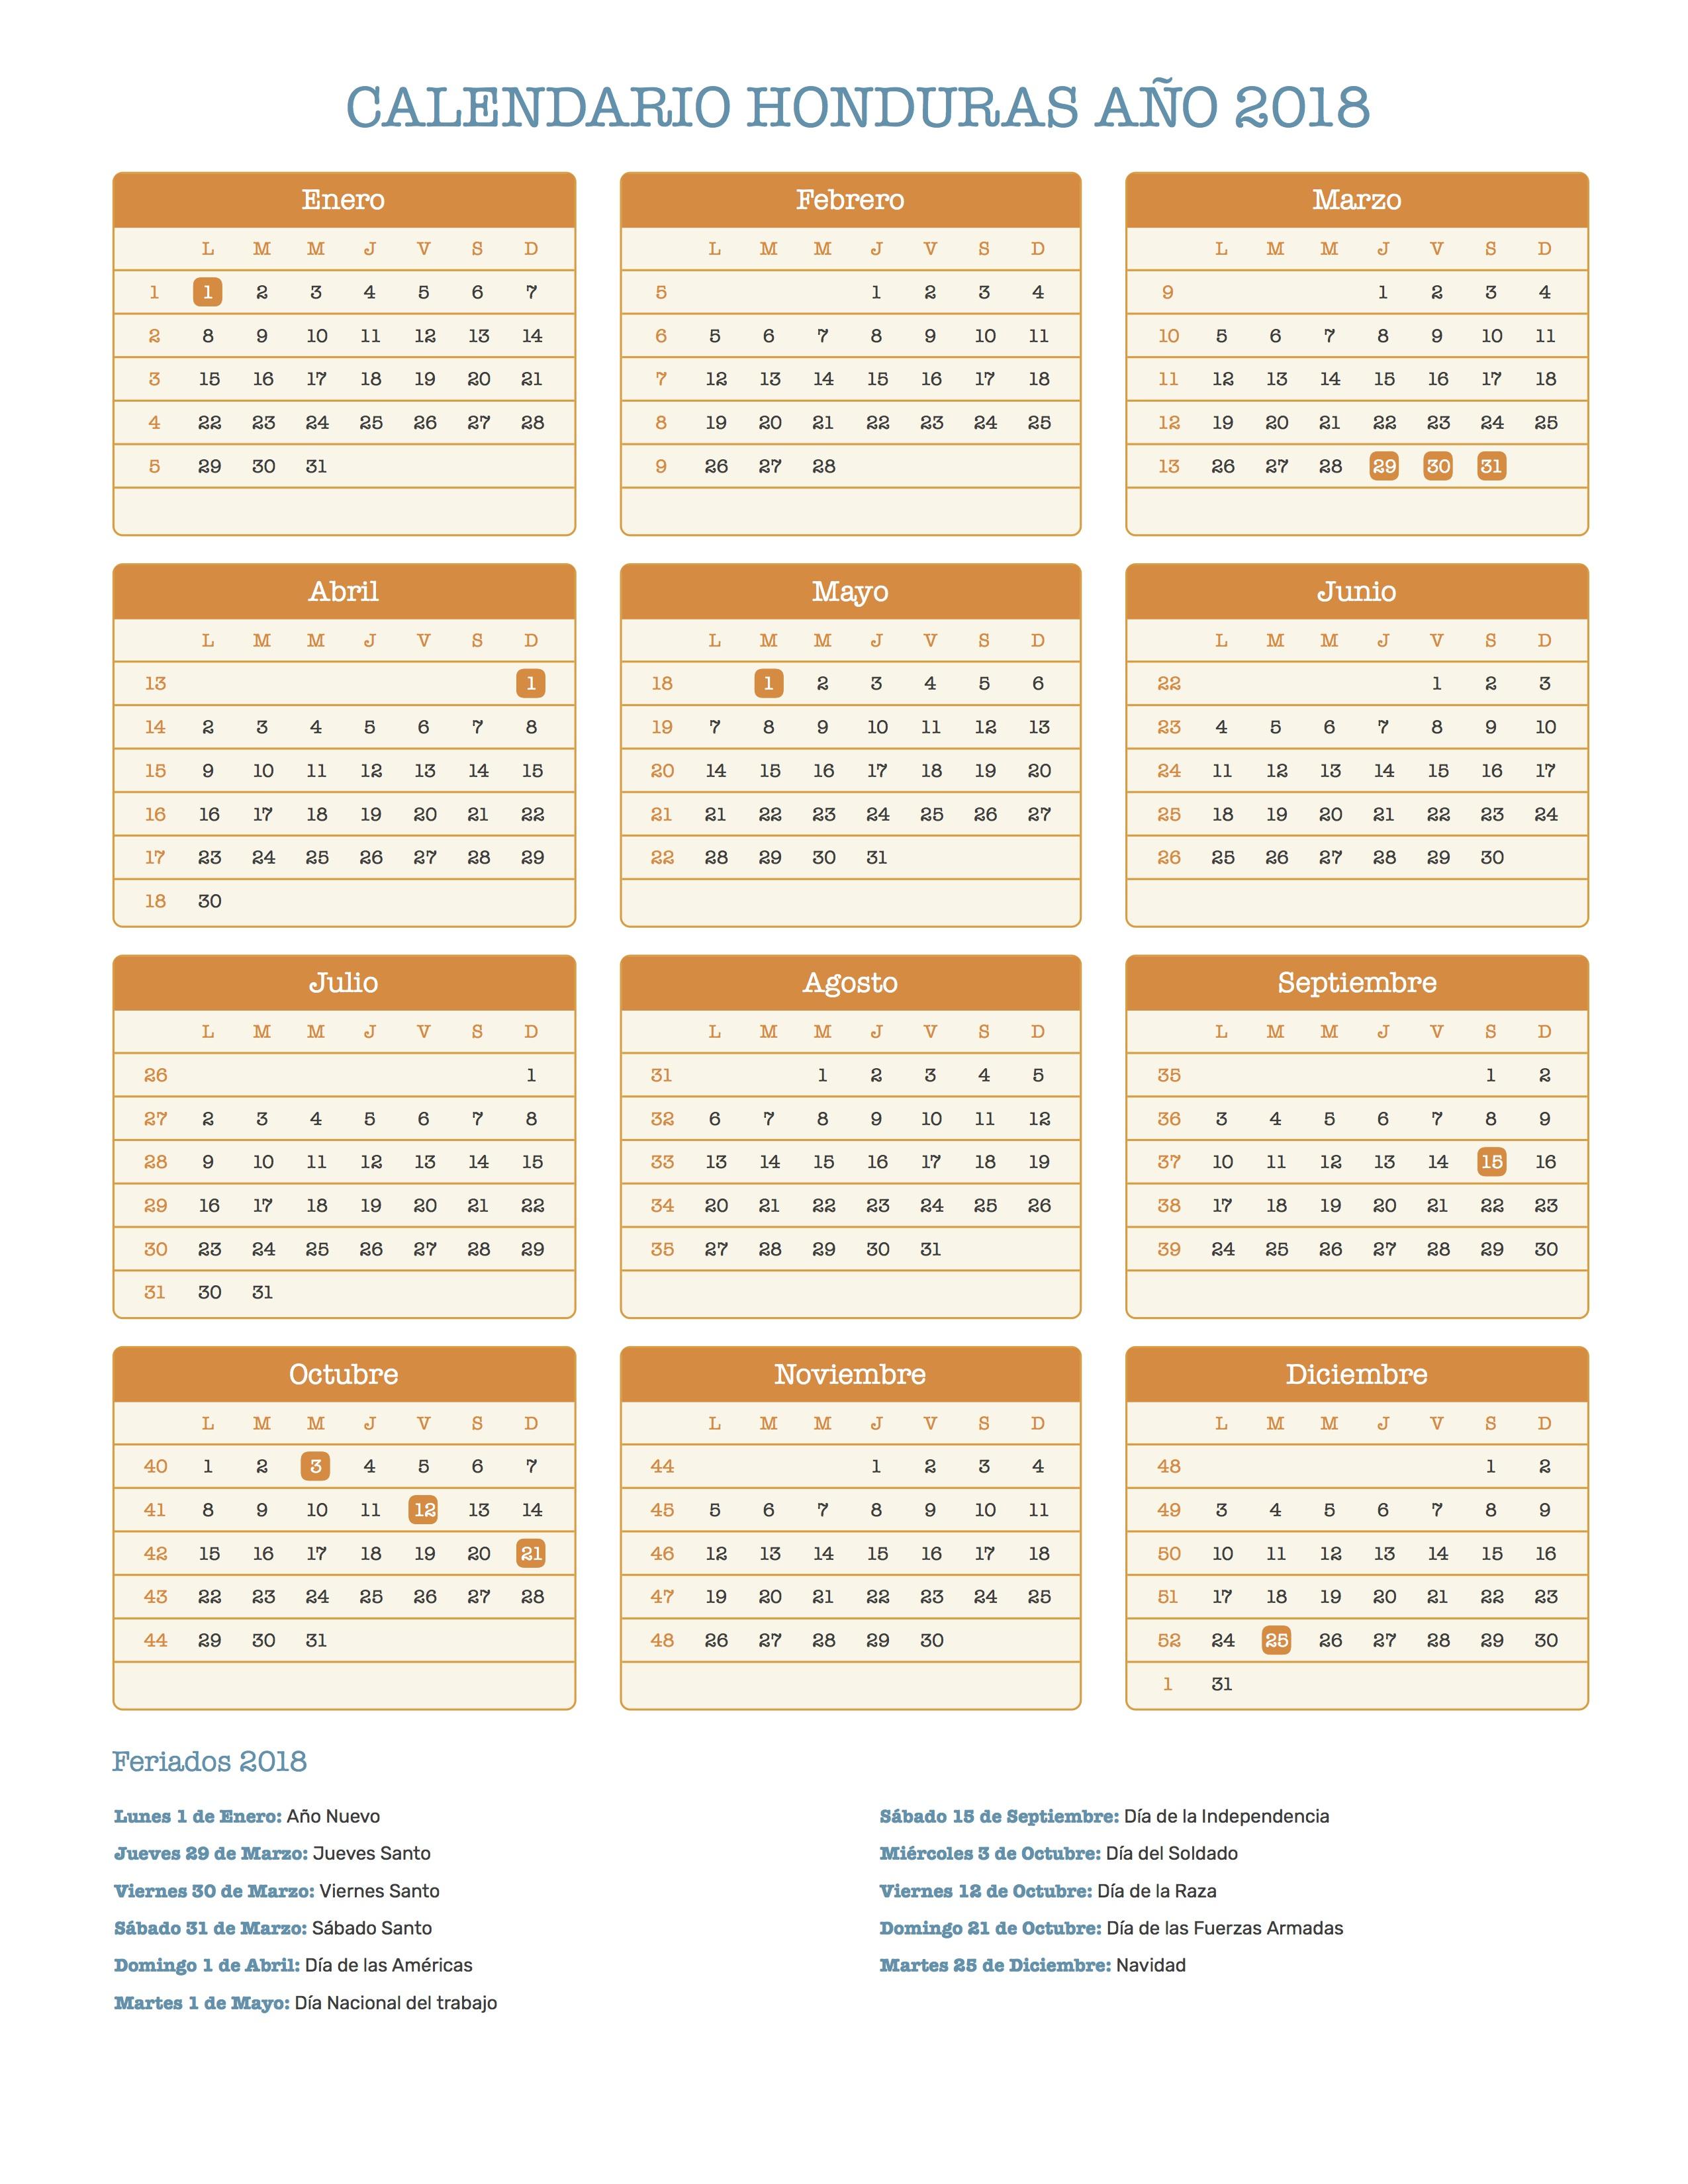 Index of printcalendarioretro2018 calendario honduras 2018g altavistaventures Gallery